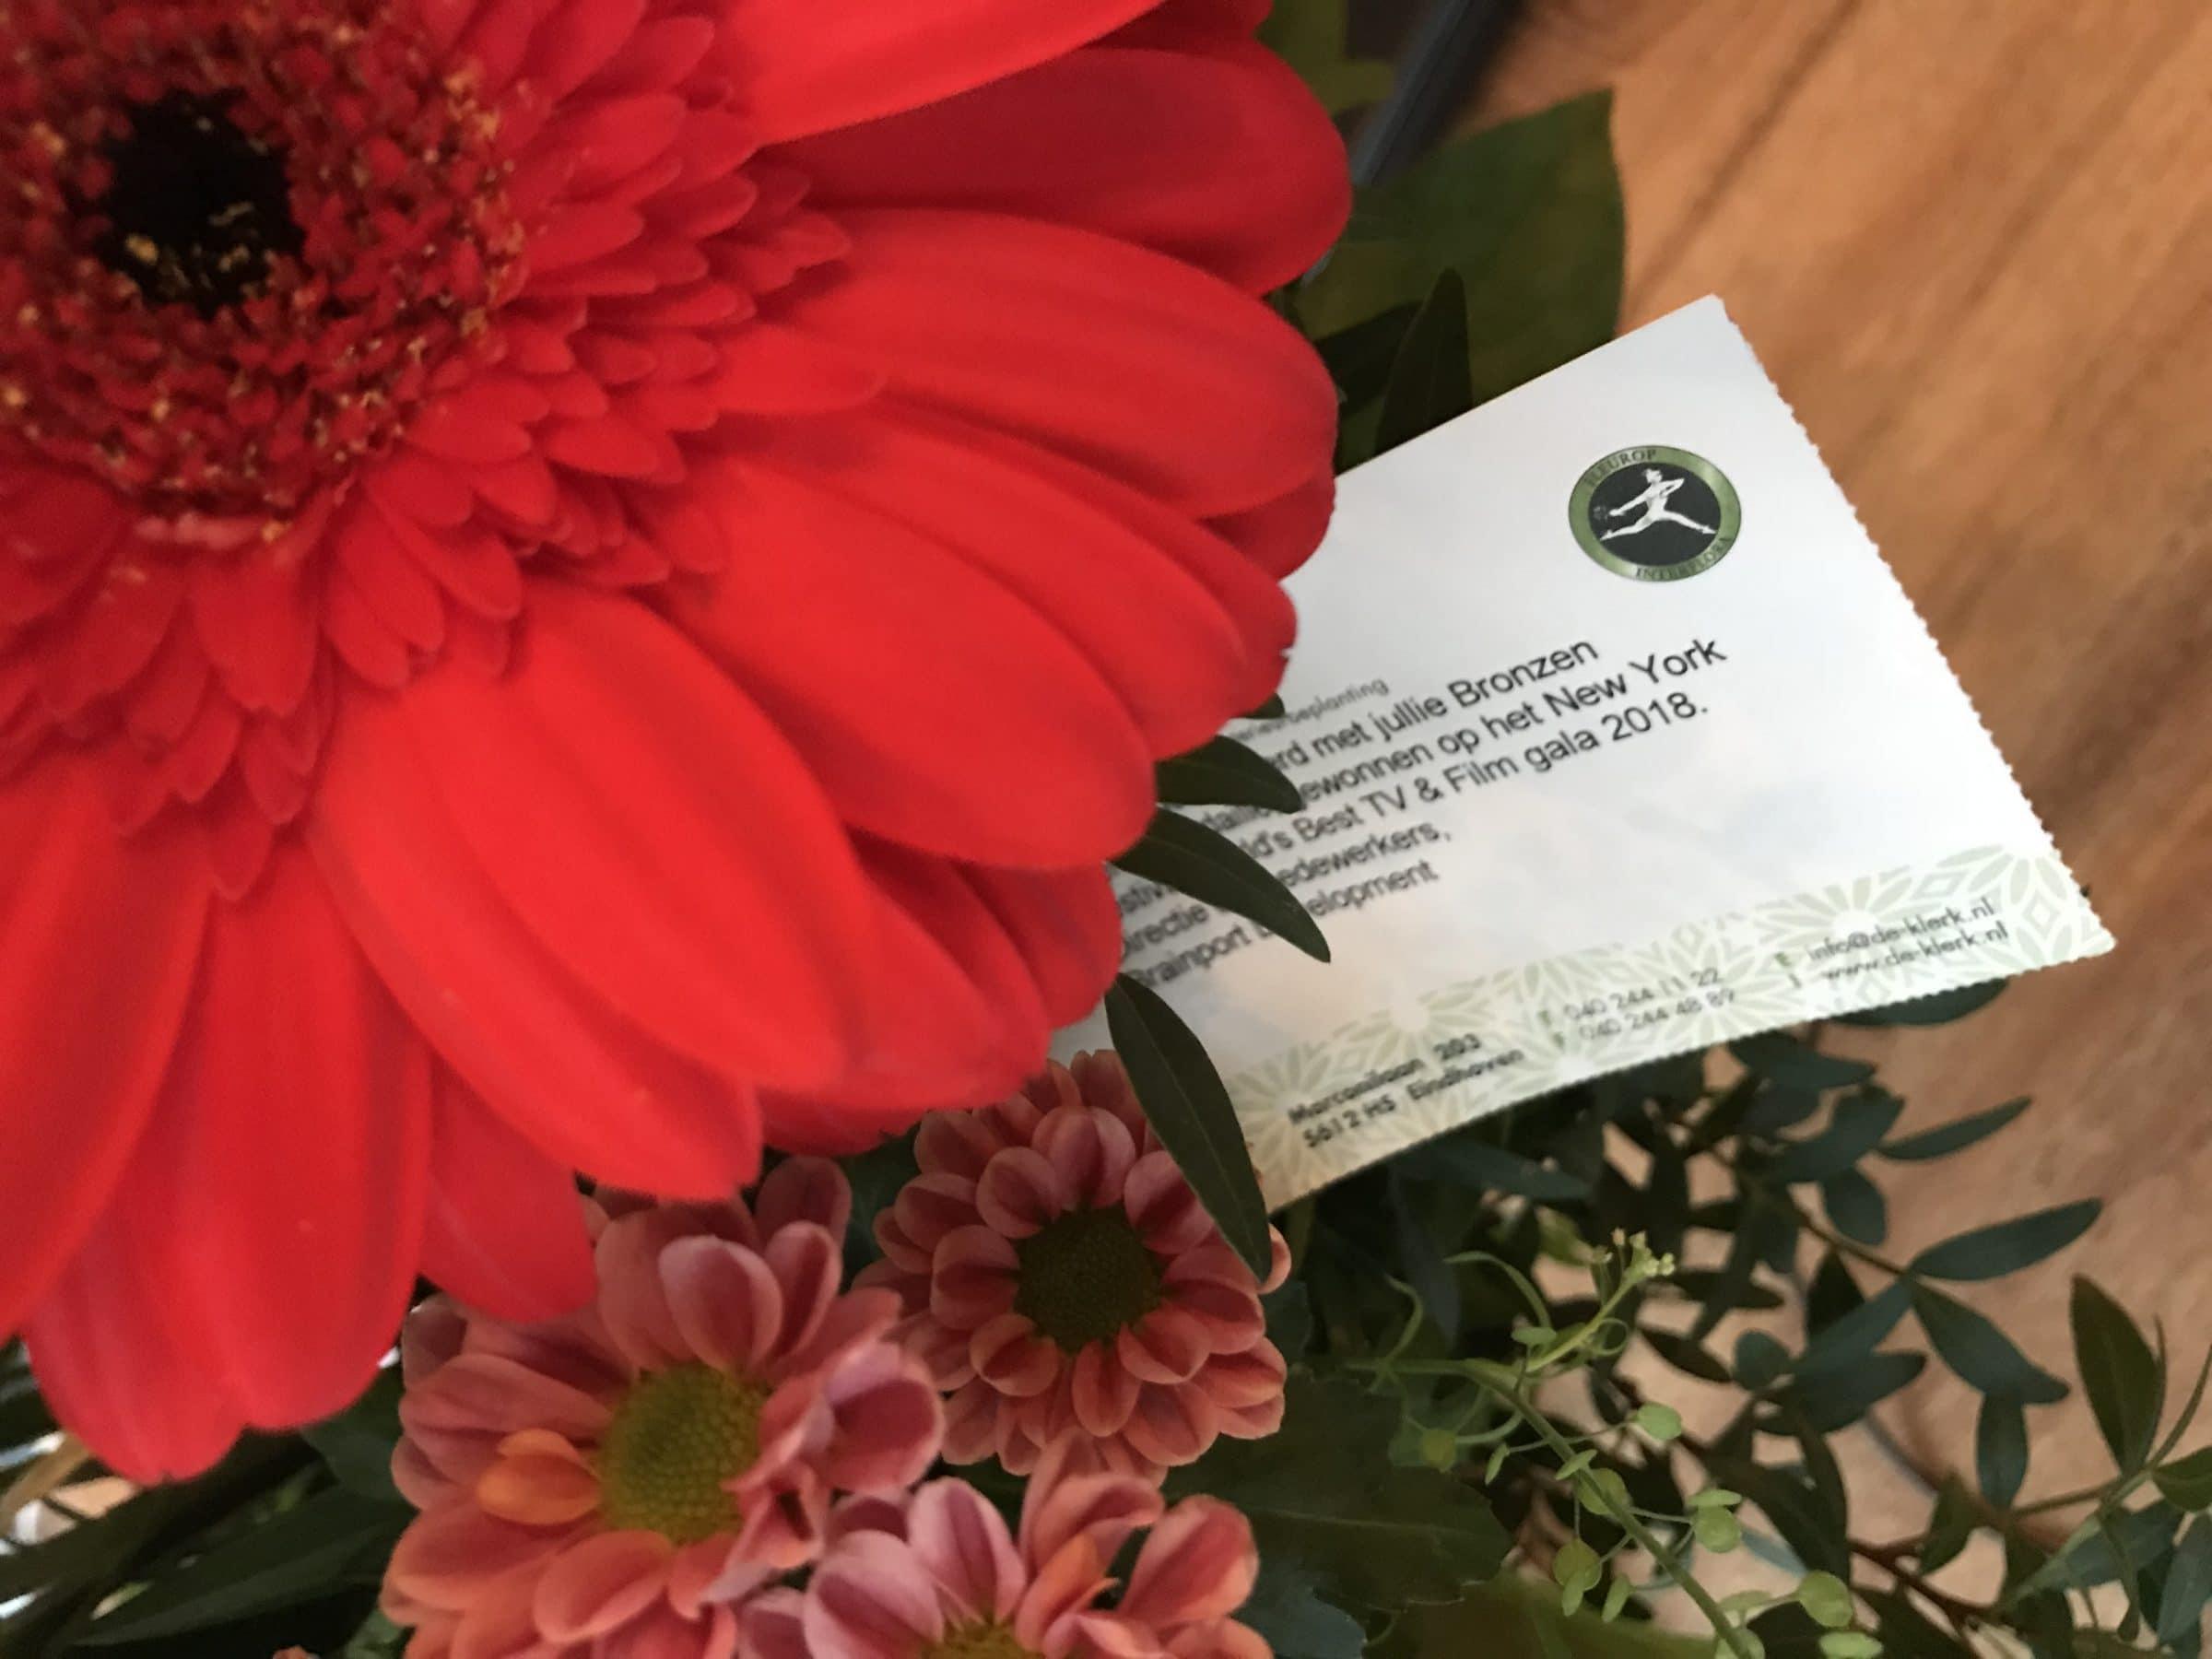 Bos bloemen als compliment voor de prijswinst